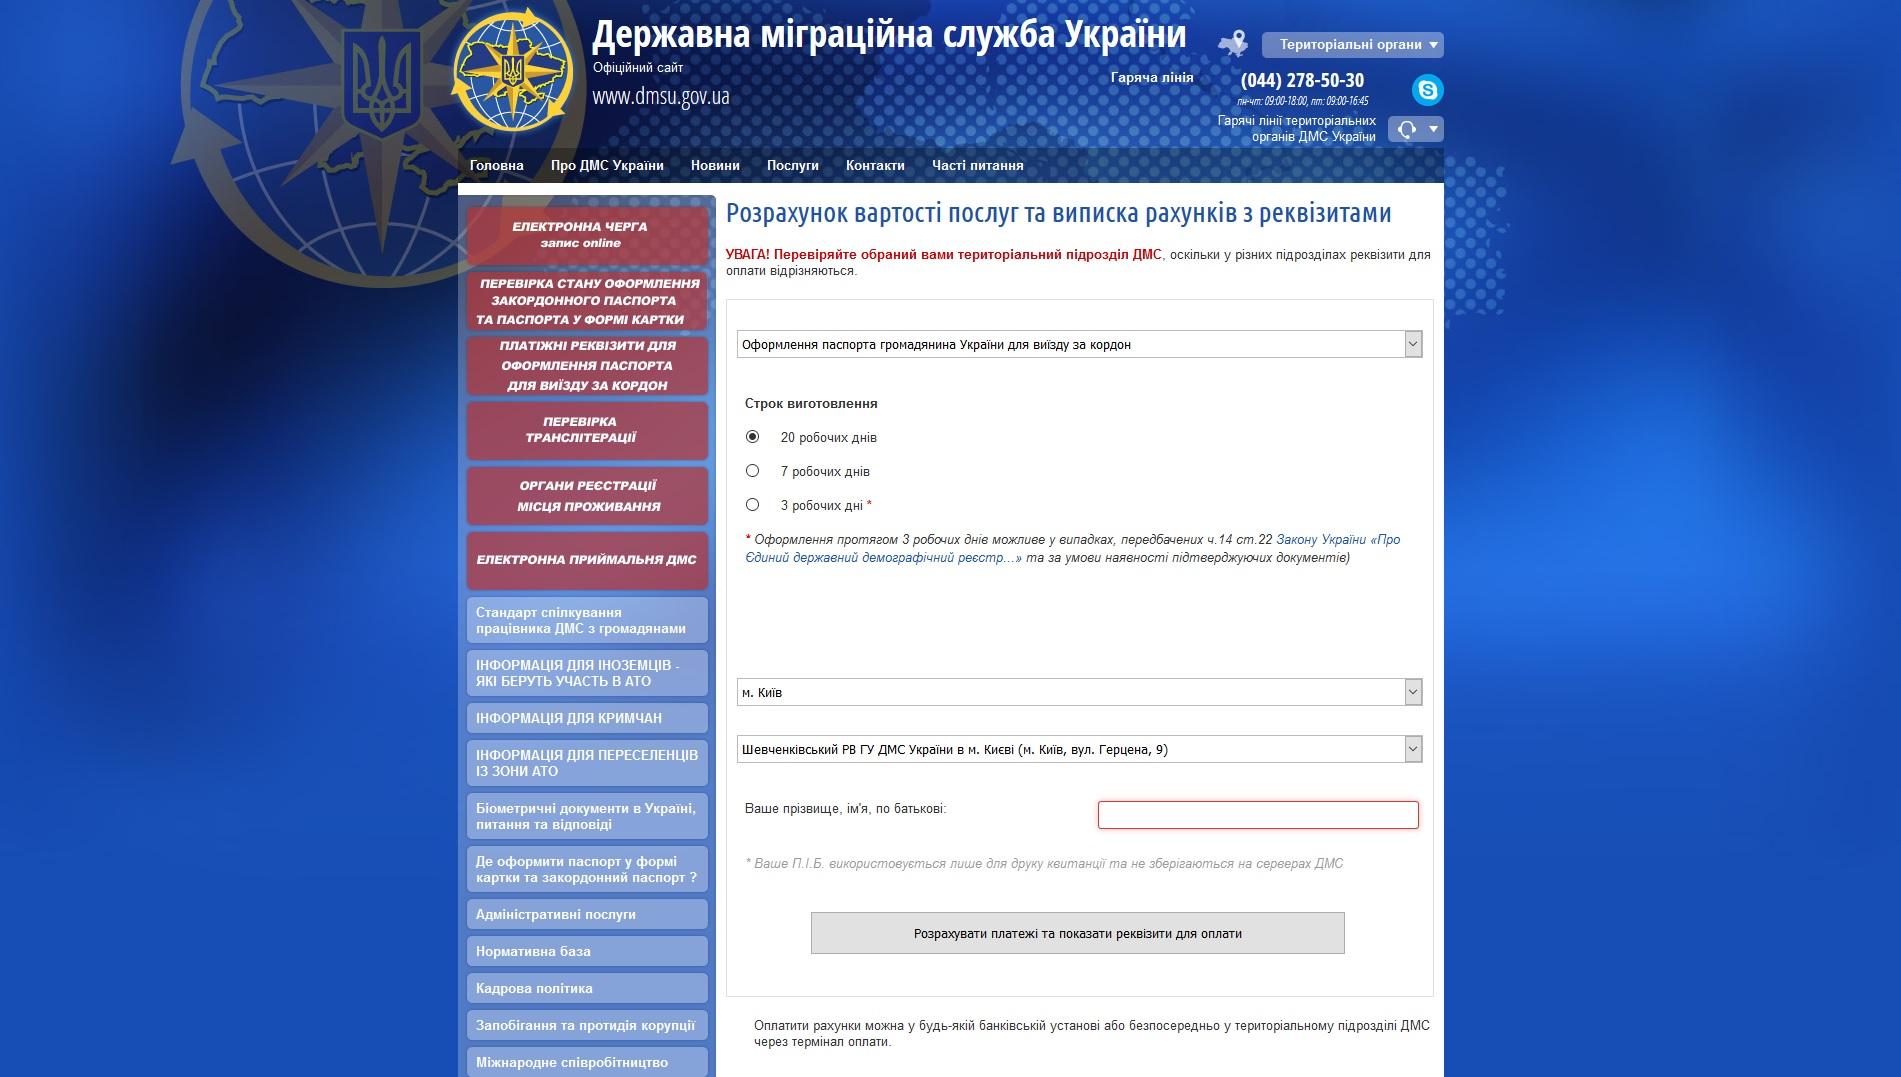 Заявка на сайте ГМС